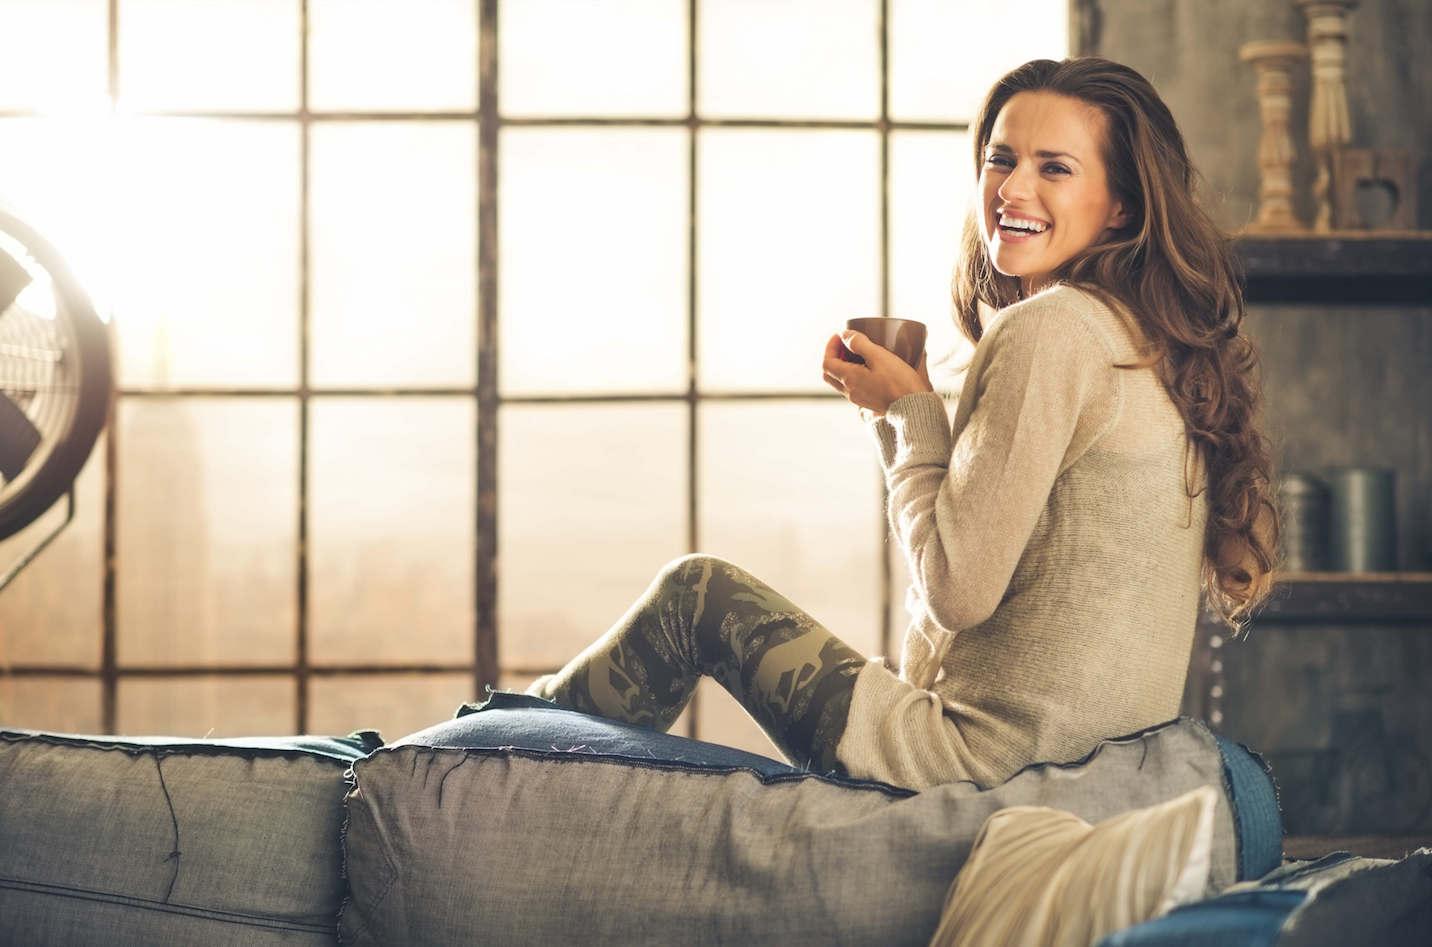 5 x zo creëer je een hartverwarmende sfeer in huis | Self-care tip